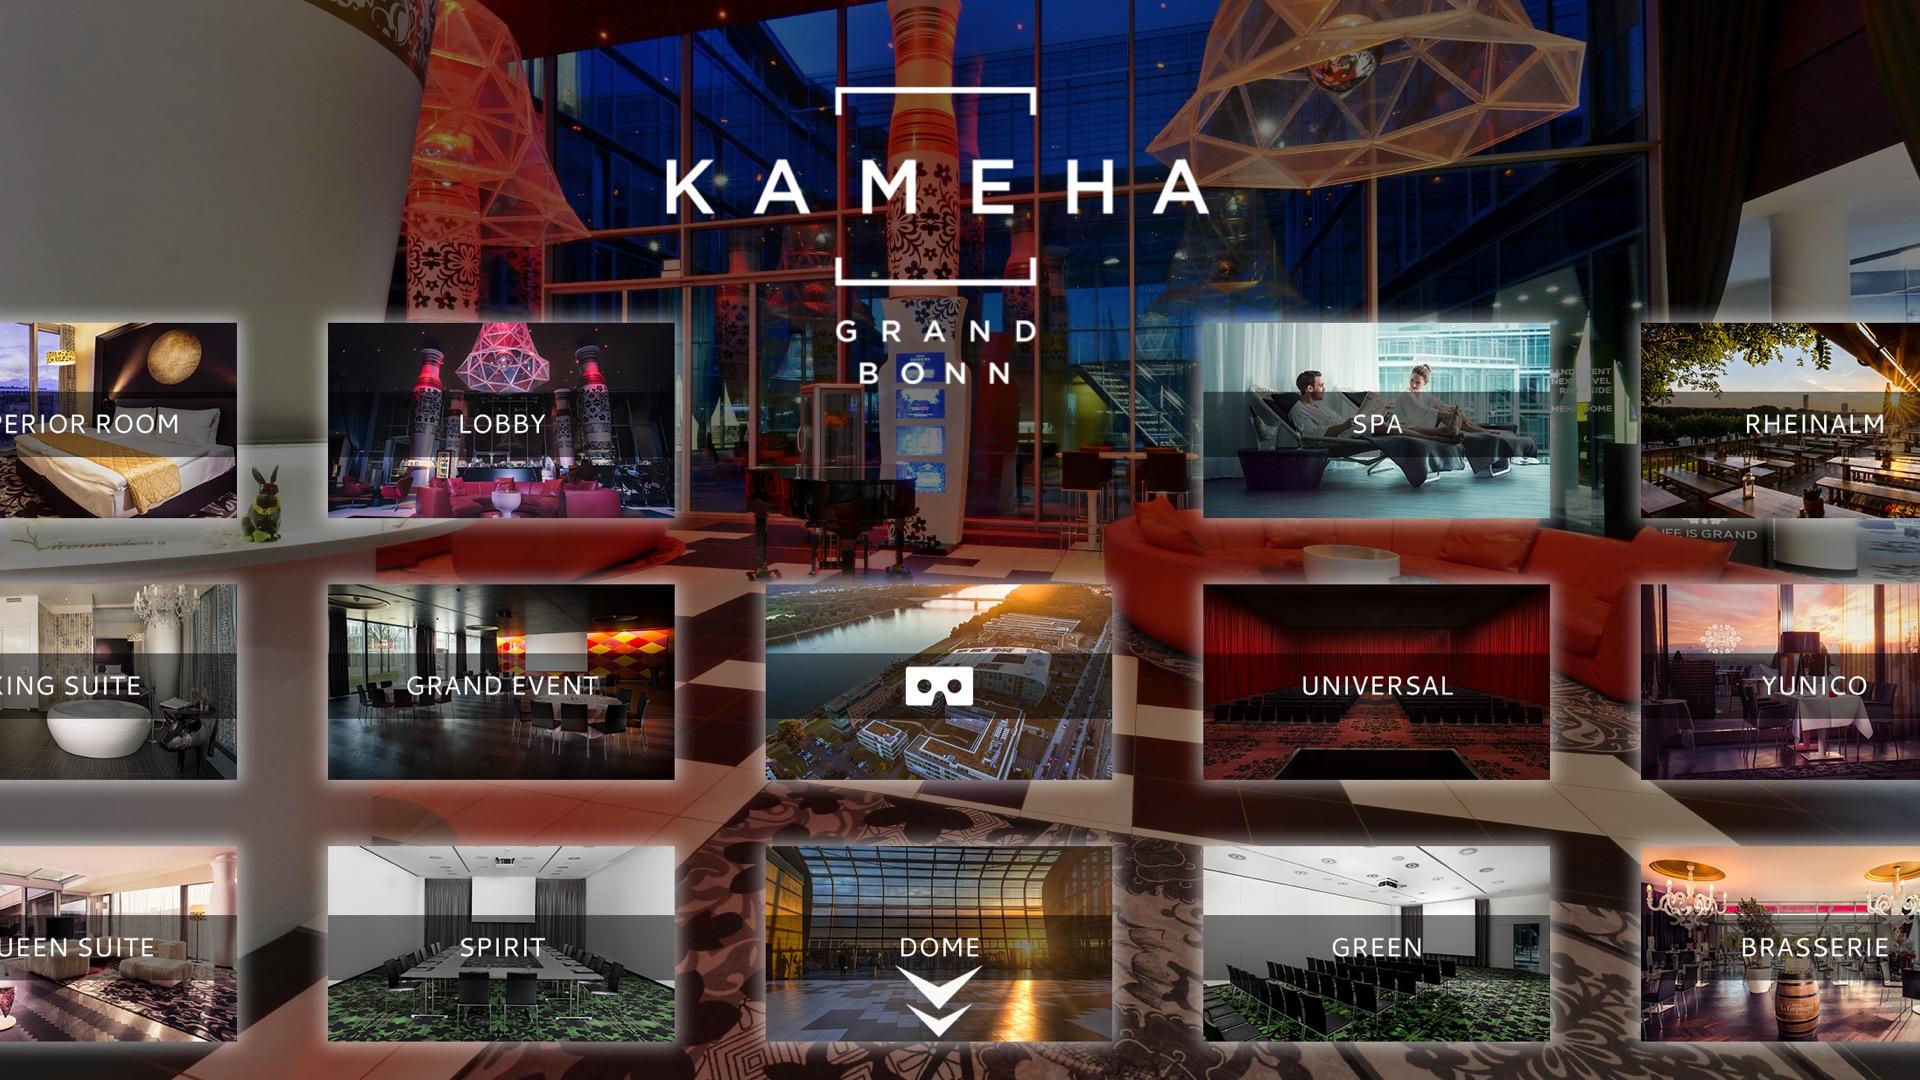 Kameha Grand VR - Um die Präsentation dieses grandiosen Design-Hotels in einer VR Umgebung akustisch zu stützen, entwickelten wir ein funktionales Soundscape. Durch die intelligente Instrumentalisierung aus klassischer und elektronischer Besetzung wird die (virtuelle) Designwelt des Kameha Grand transportiert und unterstrichen. Simply